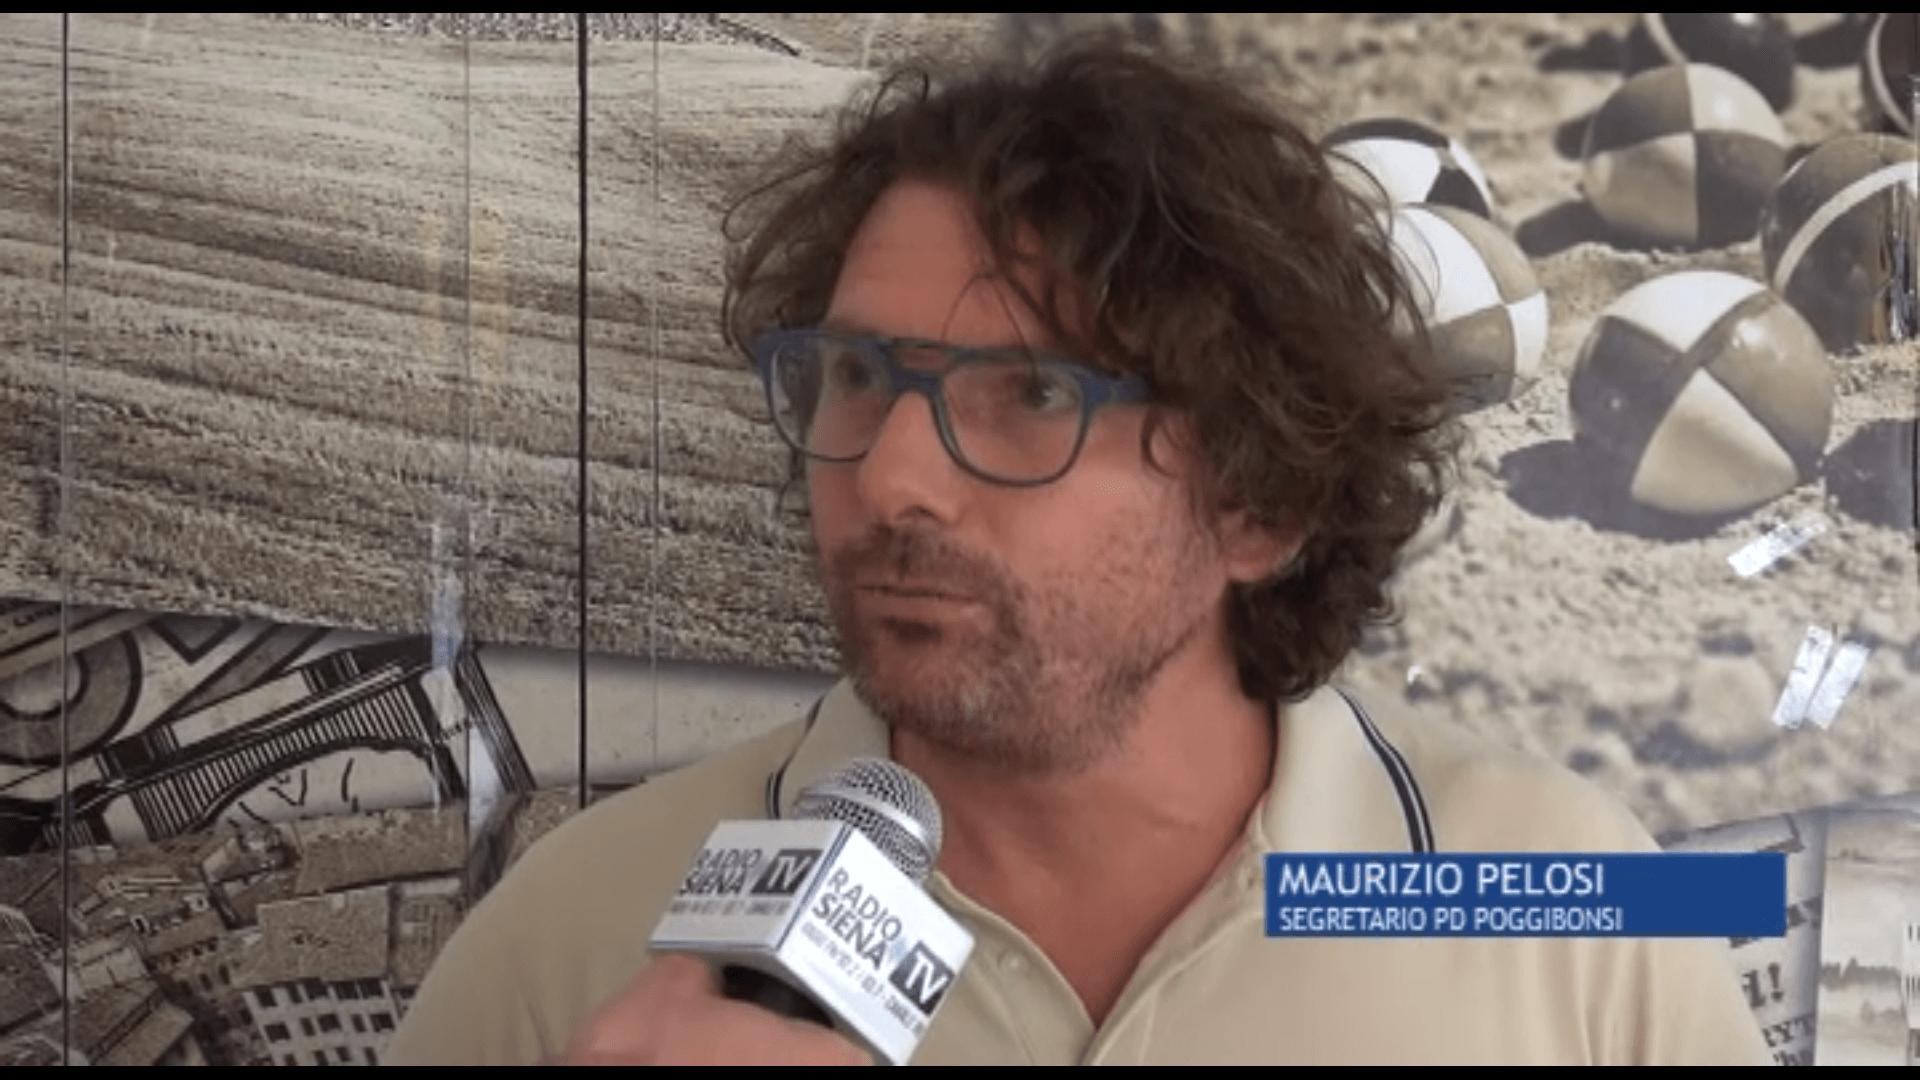 Maurizio Pelosi si è dimesso da segretario del PD di Poggibonsi